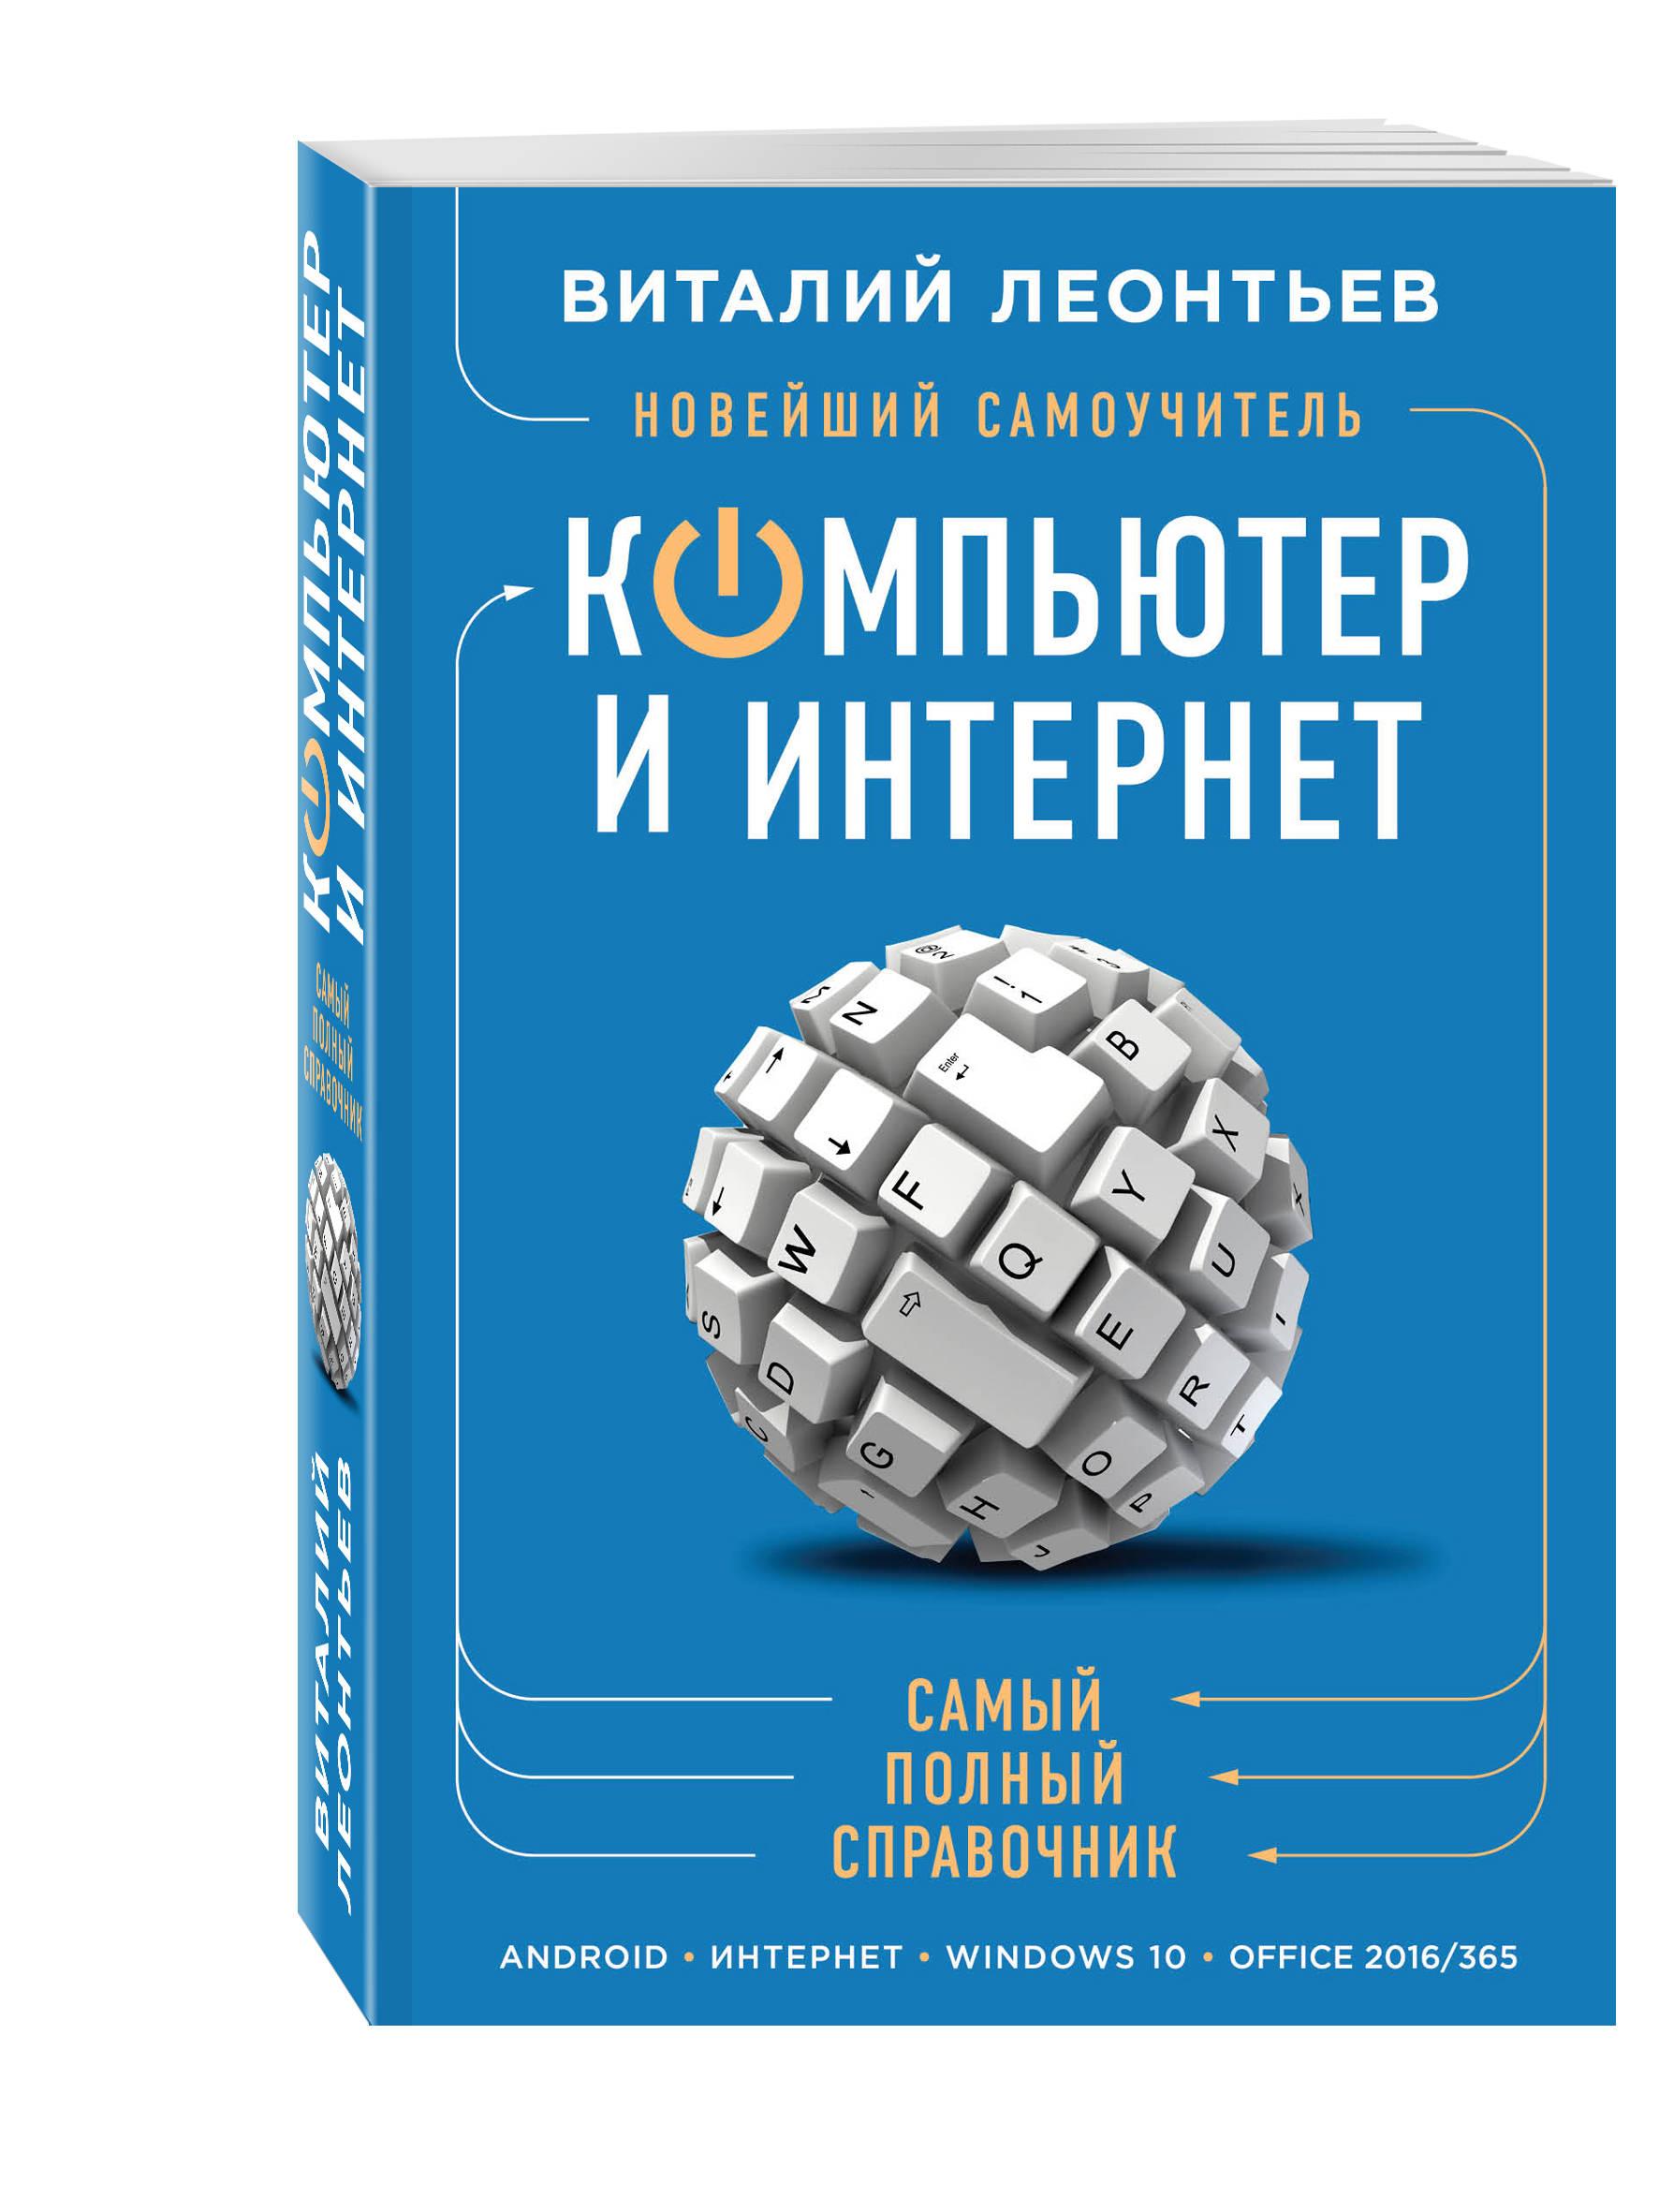 Виталий Леонтьев Новейший самоучитель. Компьютер и интернет компьютер или ноутбук на все случаи жизни новейший самоучитель 70 бесплатных программ cd